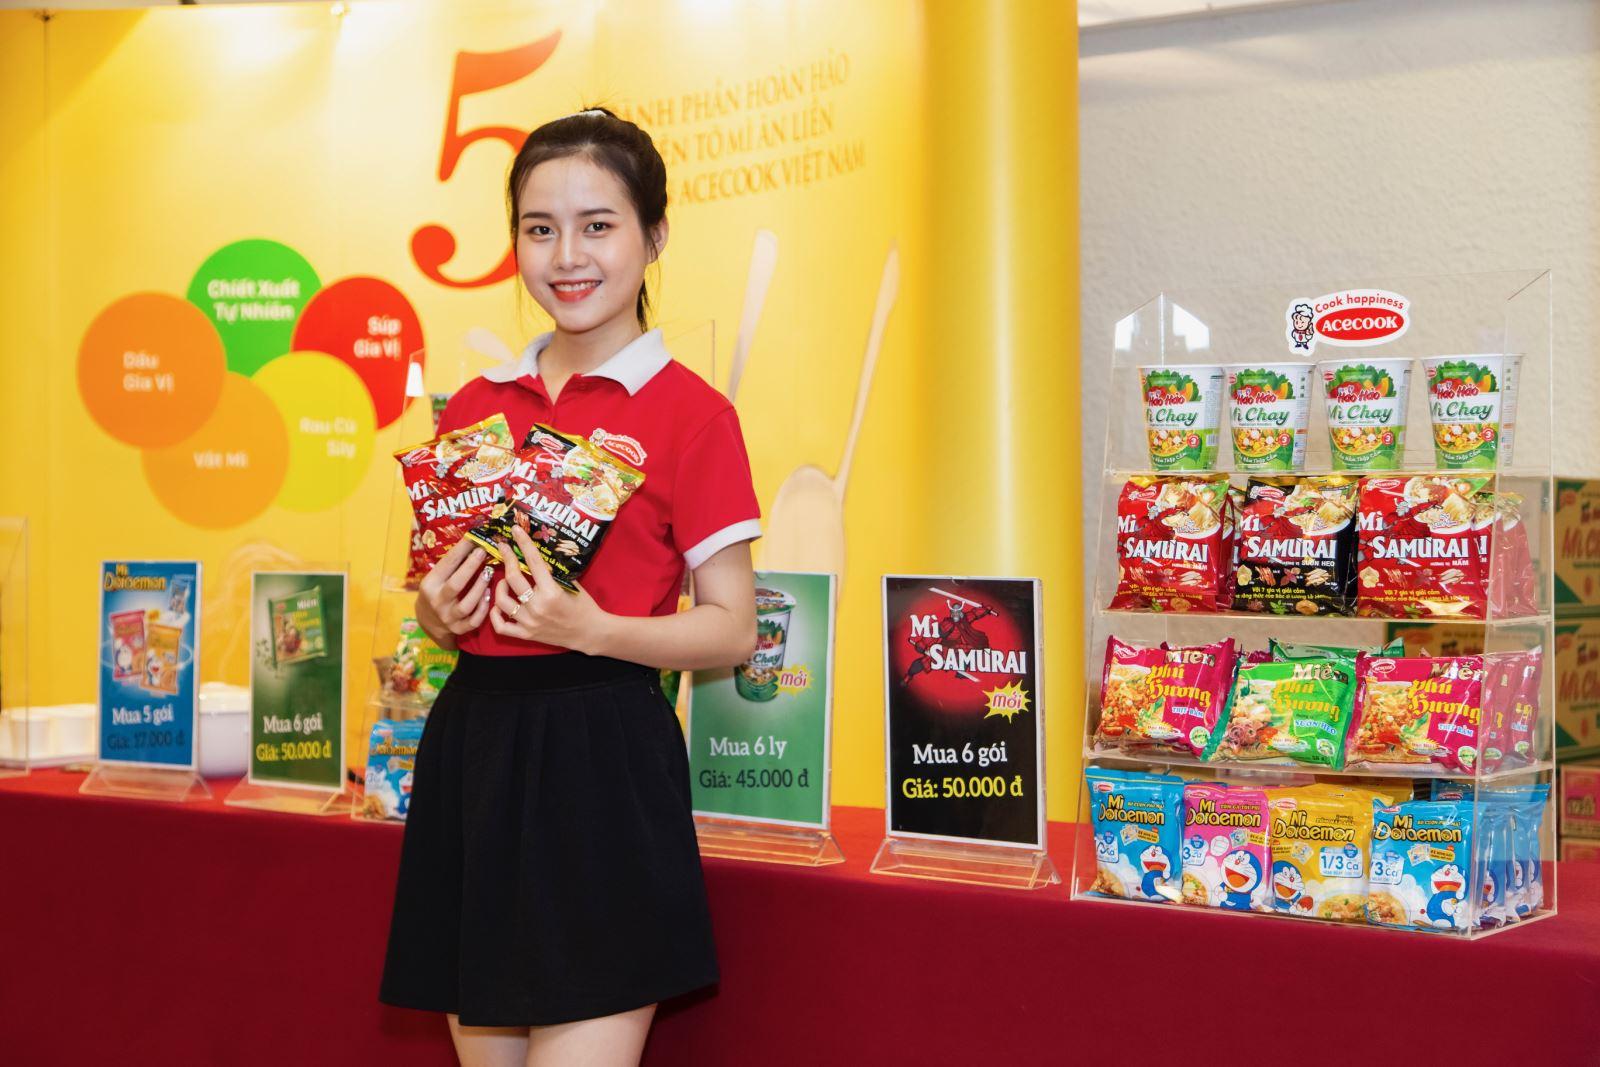 Mì Samưrai - bước đột phá mới của Acecook Việt Nam